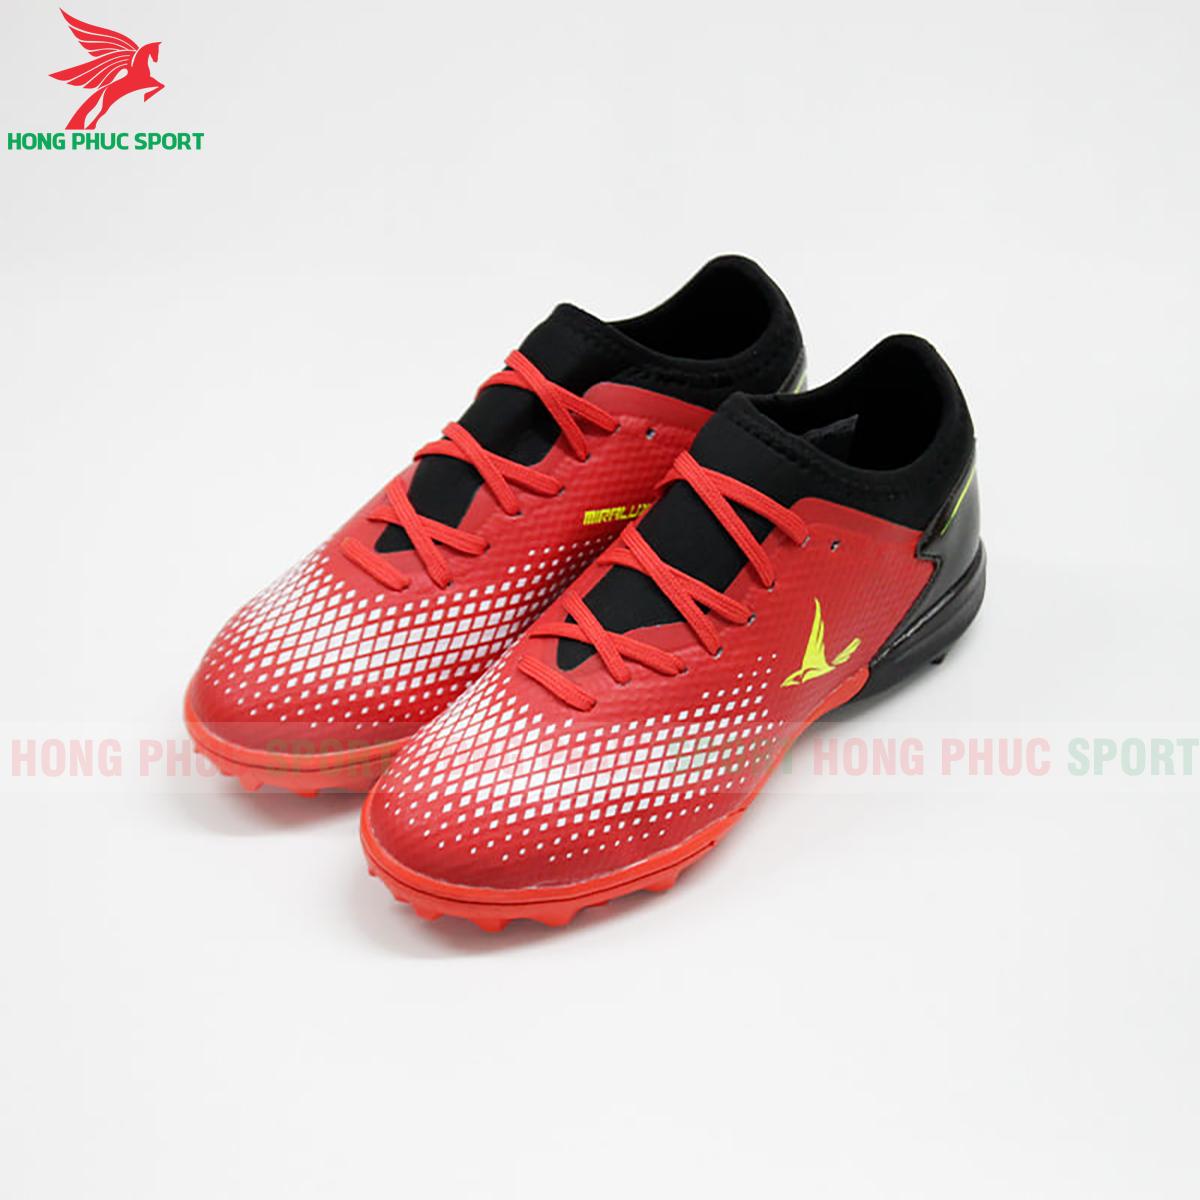 Giày Mira Lux 20.3 sân cỏ nhân tạo đỏ phối đen